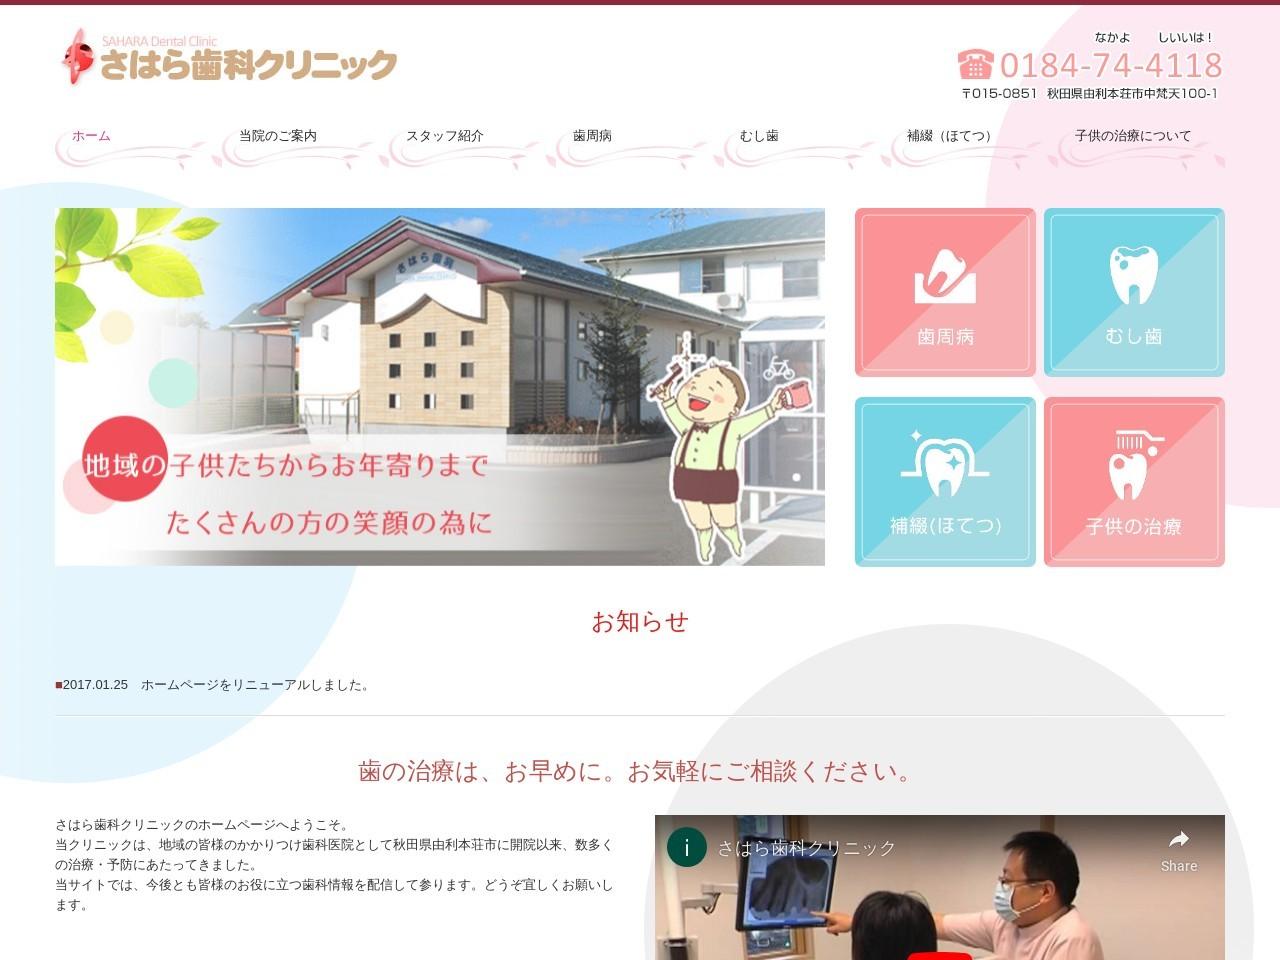 さはら歯科クリニック (秋田県由利本荘市)